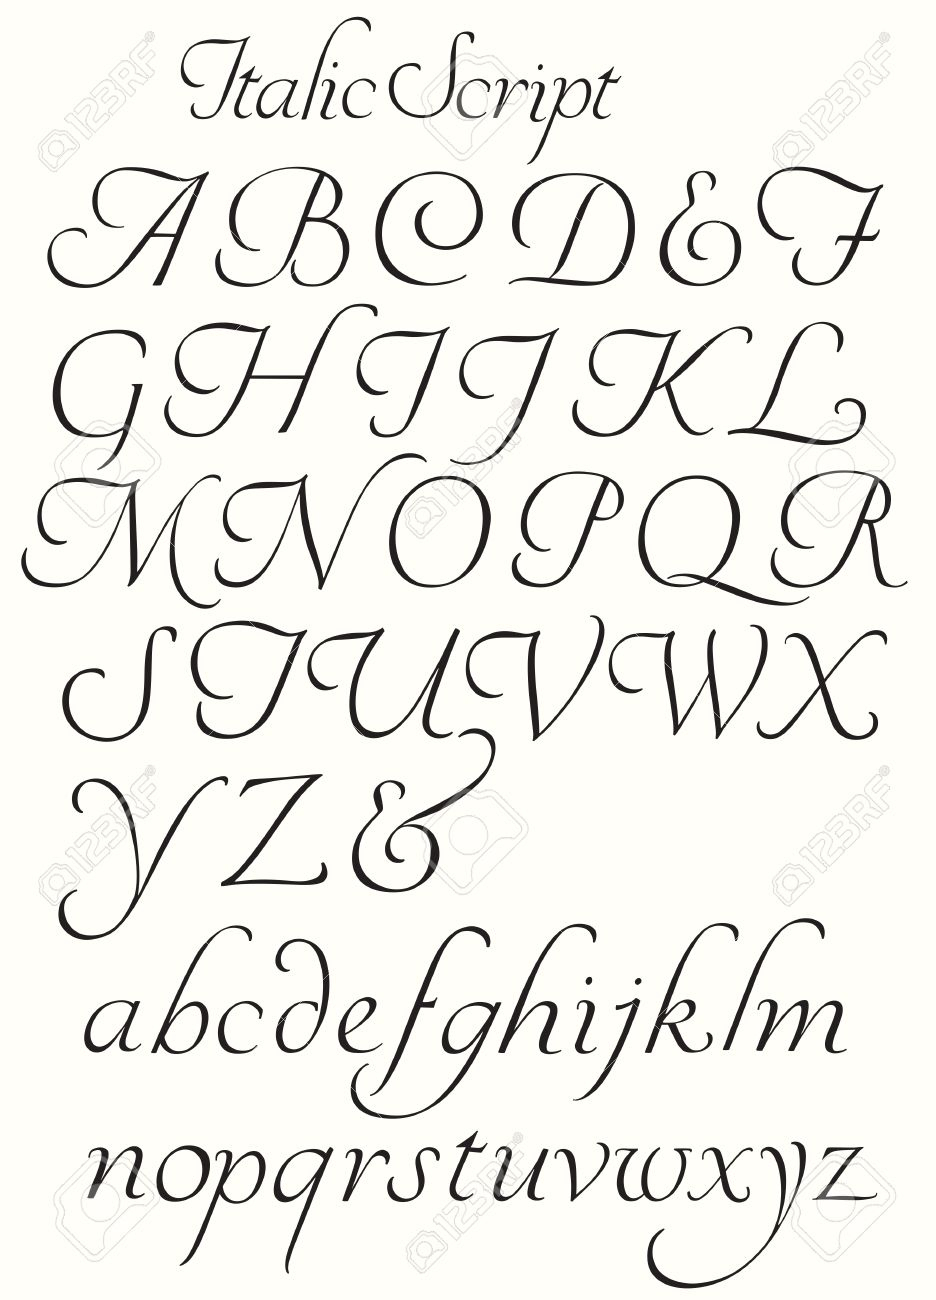 Italiques Script Alphabet Majuscules Et Minuscules. Lettres Décoratives À  Utiliser Pour Les Bouchons Titres De Chute, Etc. destiné Alphabet Majuscule Et Minuscule